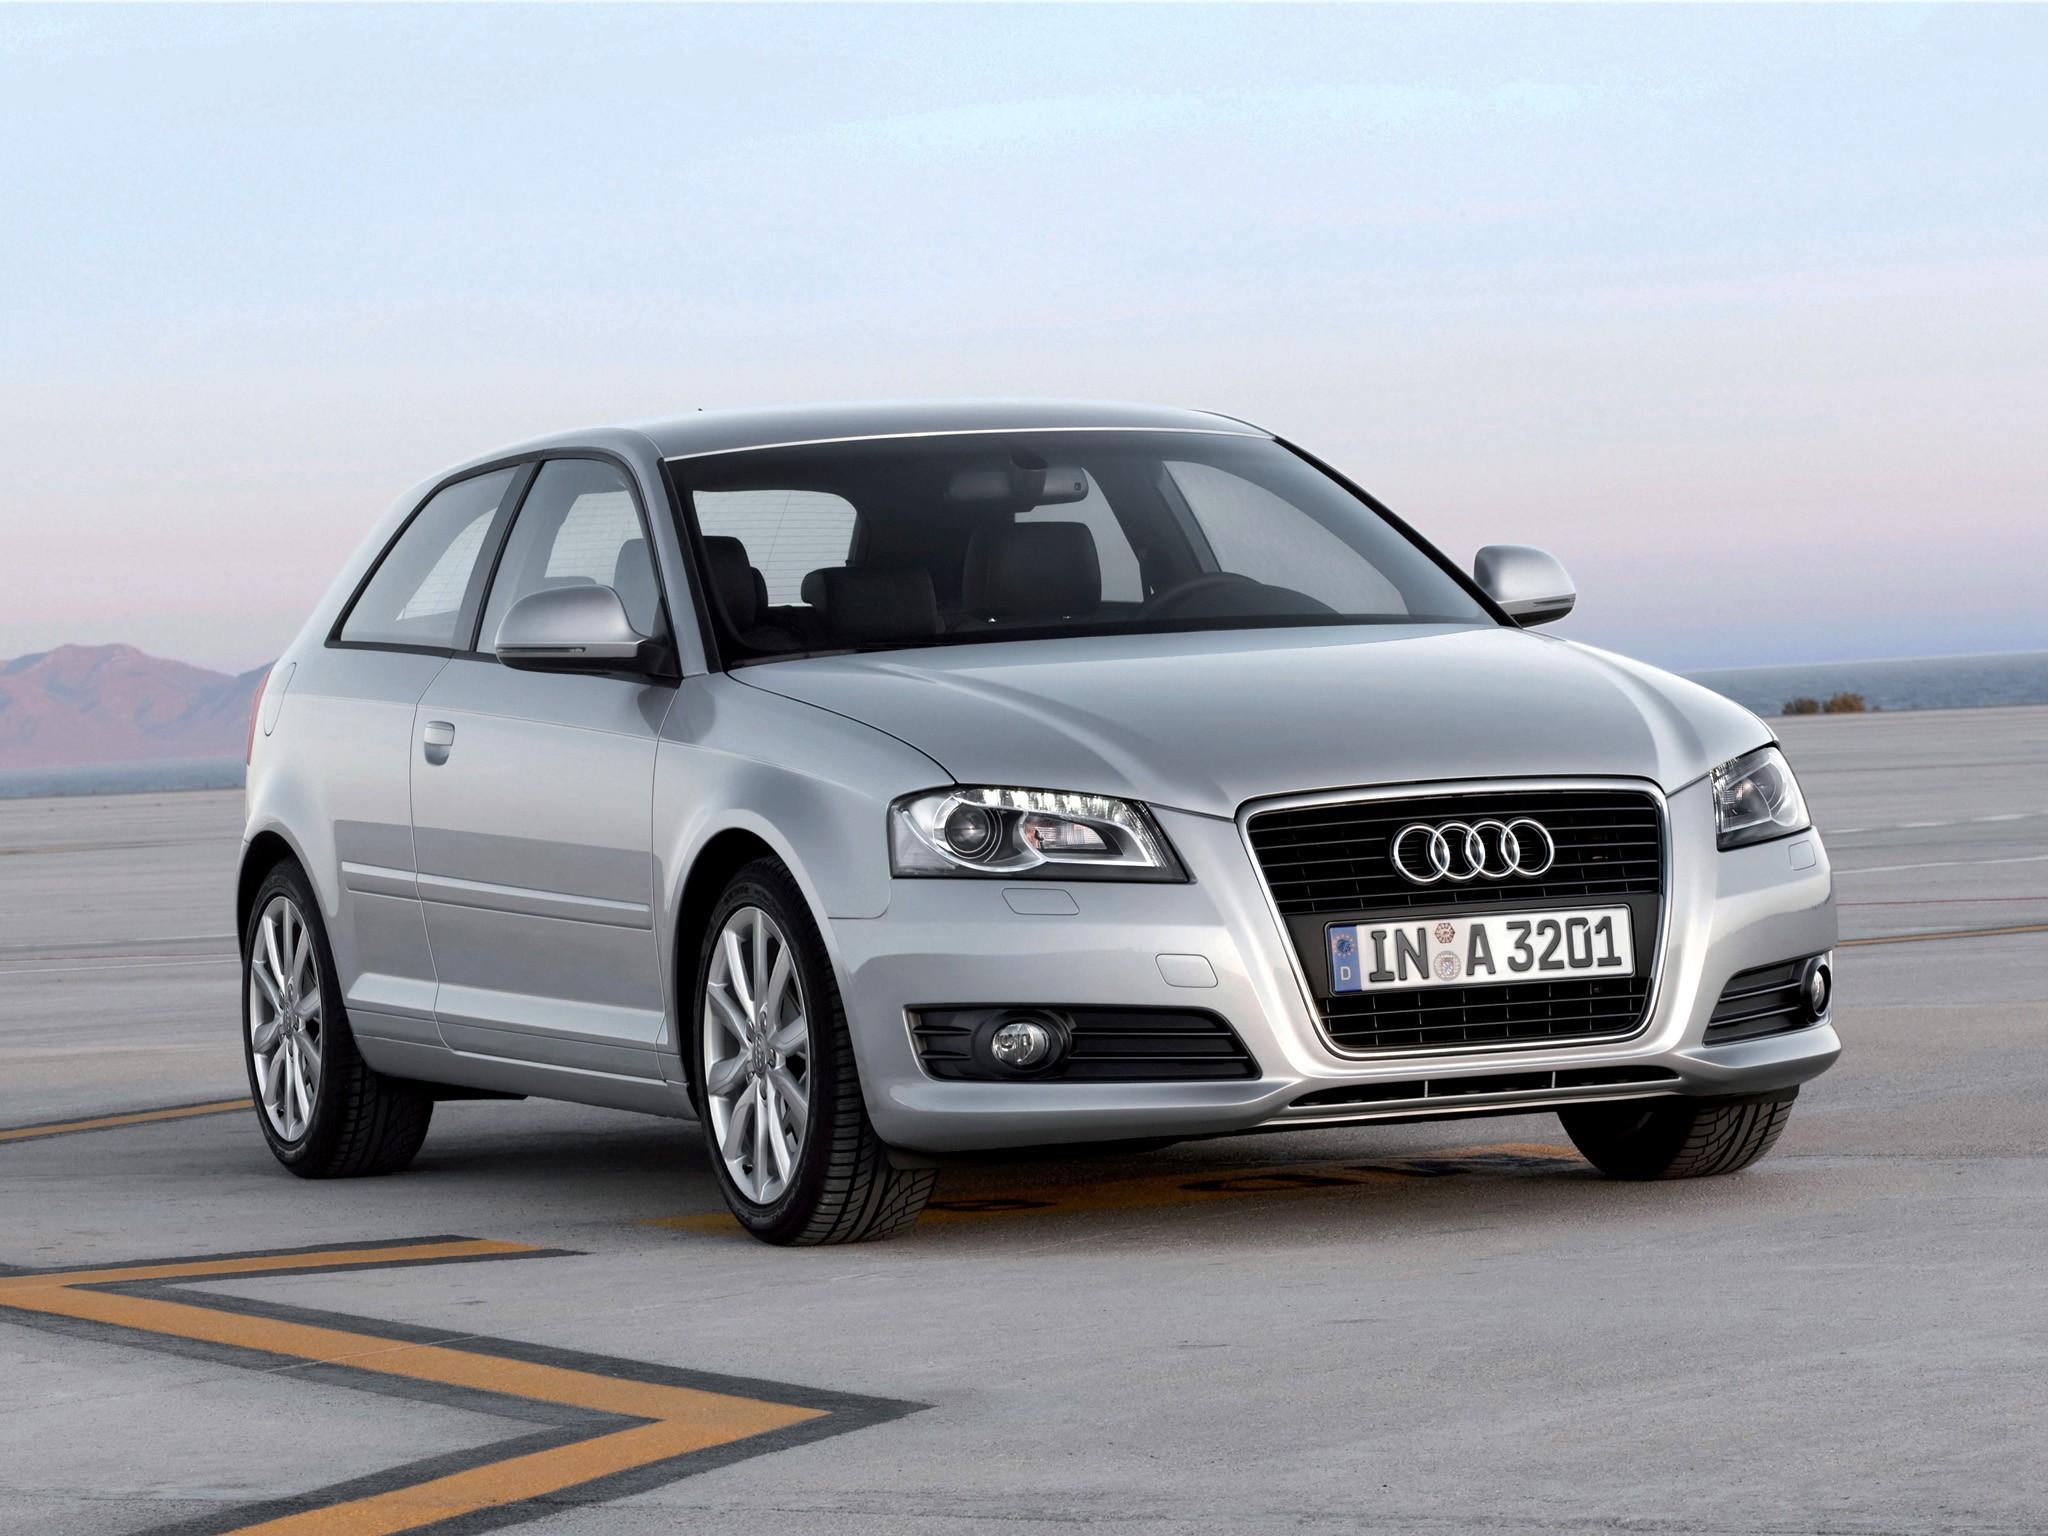 Kelebihan Kekurangan Audi A3 1.8 Harga